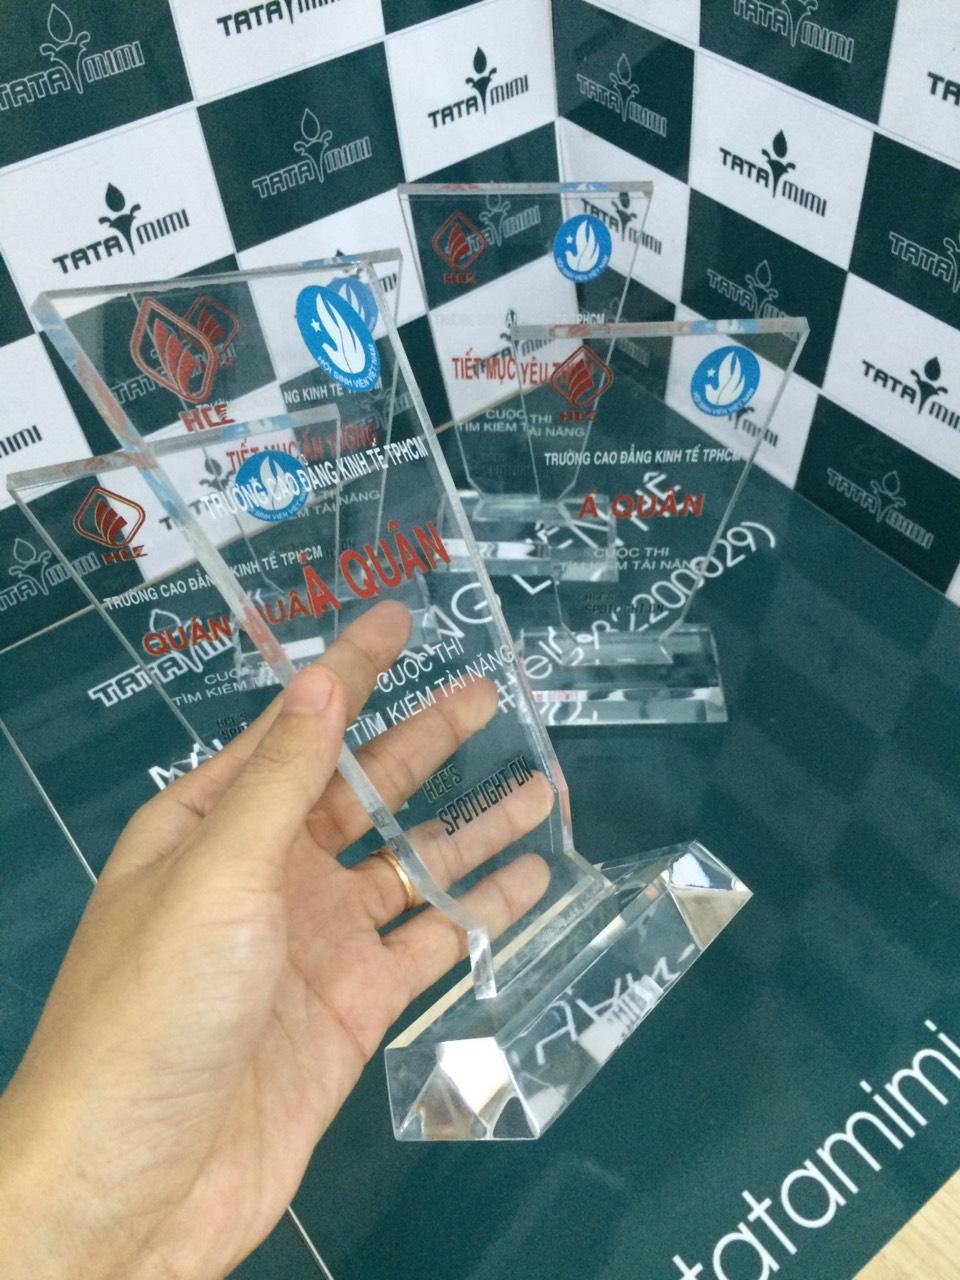 Cơ sở cung cấp cup lưu niệm cho các cuộc thi